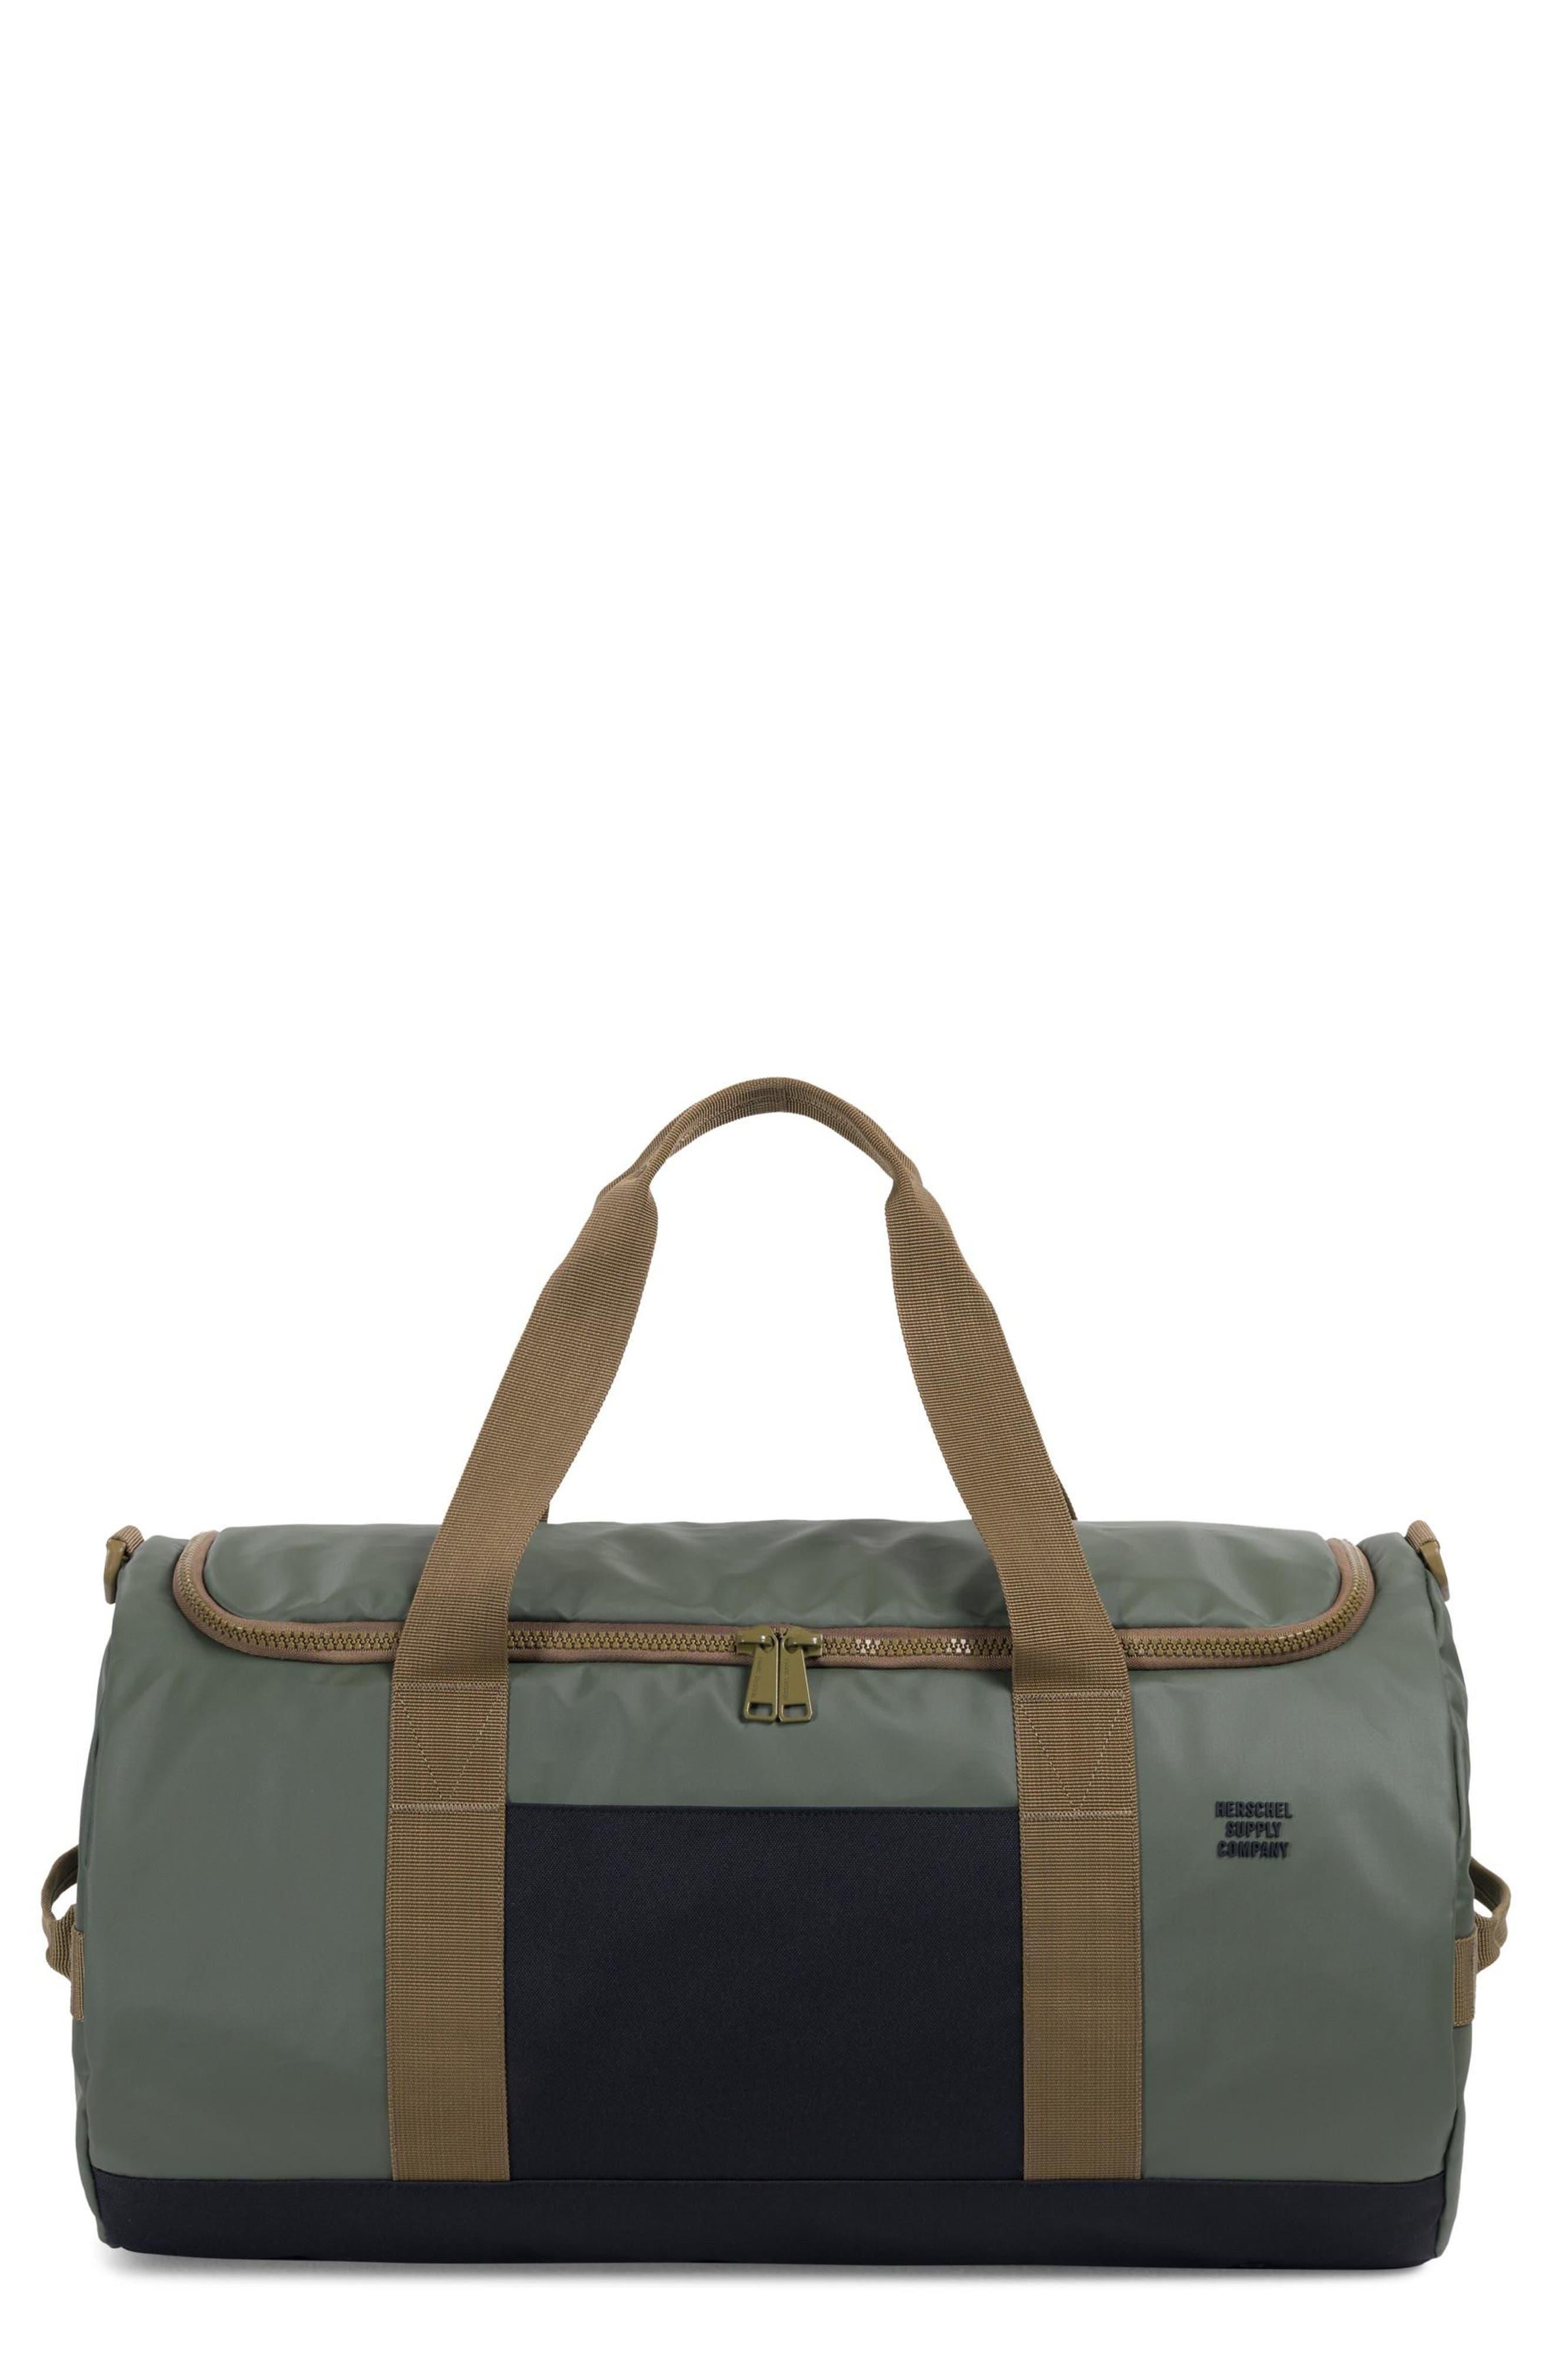 Sutton Polycoat Studio Duffel Bag,                         Main,                         color, Beetle/Black/Gothic Olive